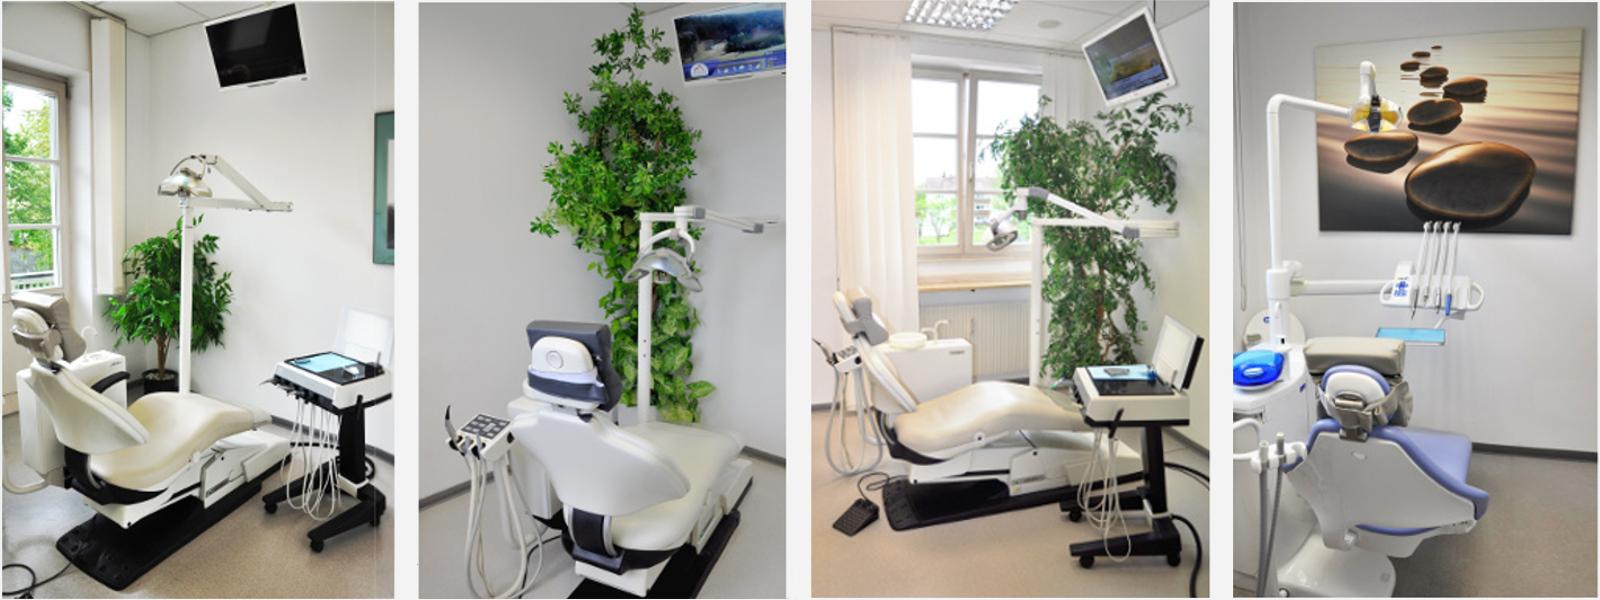 Zahnarzt Behandlungsräume